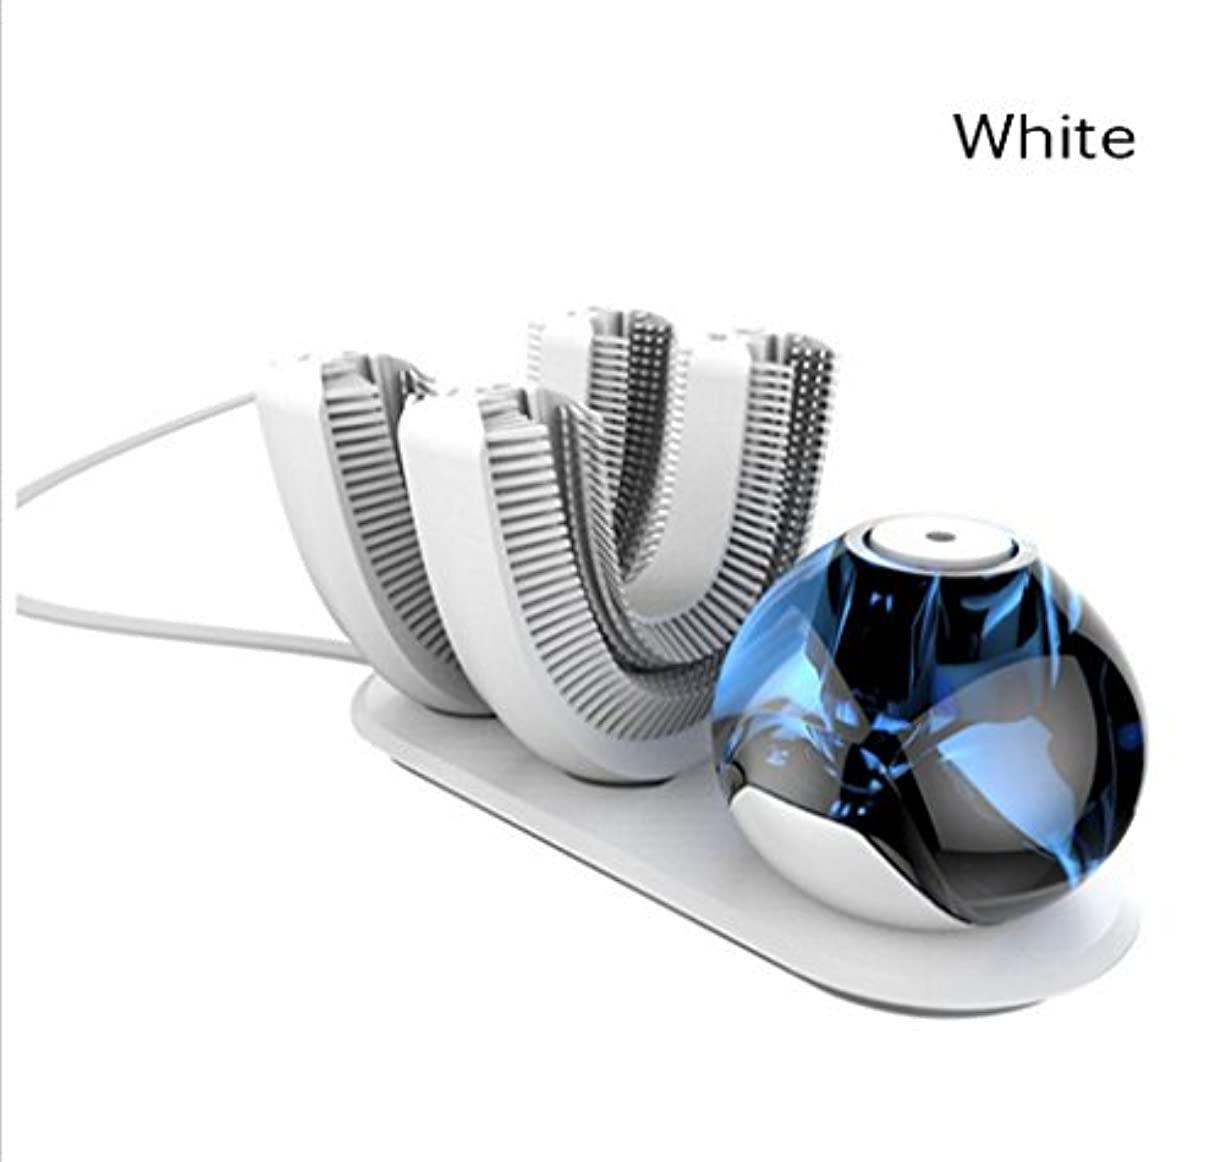 風味罹患率無駄なNatood 歯ブラシのヘッドの2、怠惰なKibasuriによる自動歯ブラシは、 電気怠惰な電動歯ブラシ用ワイヤレス充電式360°自動歯ブラシを設計され、白 白